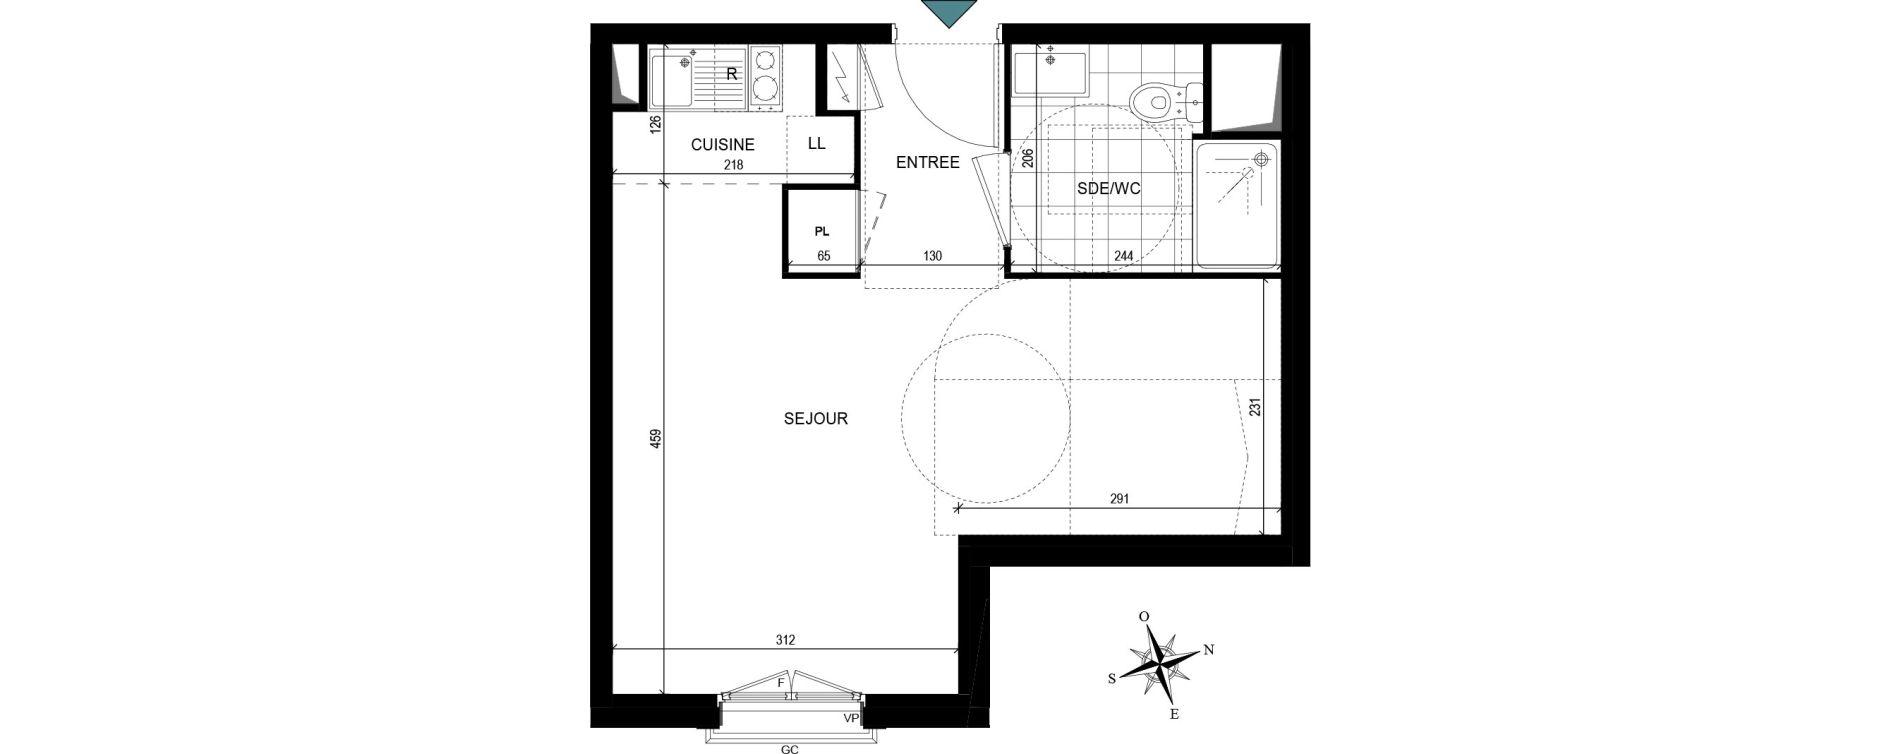 Appartement T1 de 29,65 m2 à Villiers-Le-Bel Village - val roger